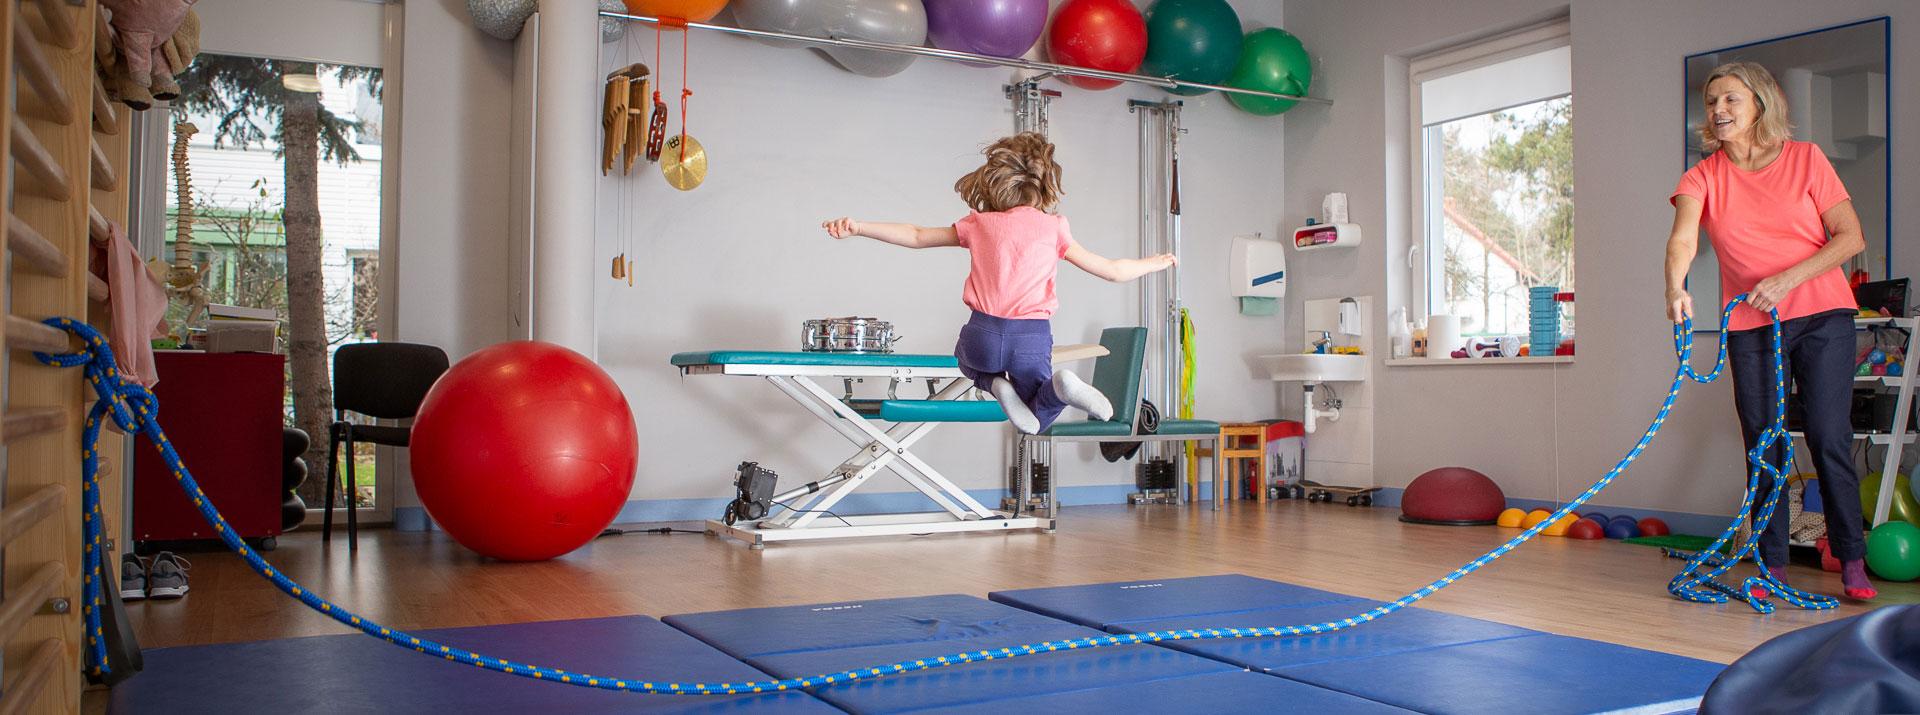 Leczenie kontuzji i profilaktyka (biegi ultra, tenis, triathlon, taniec)